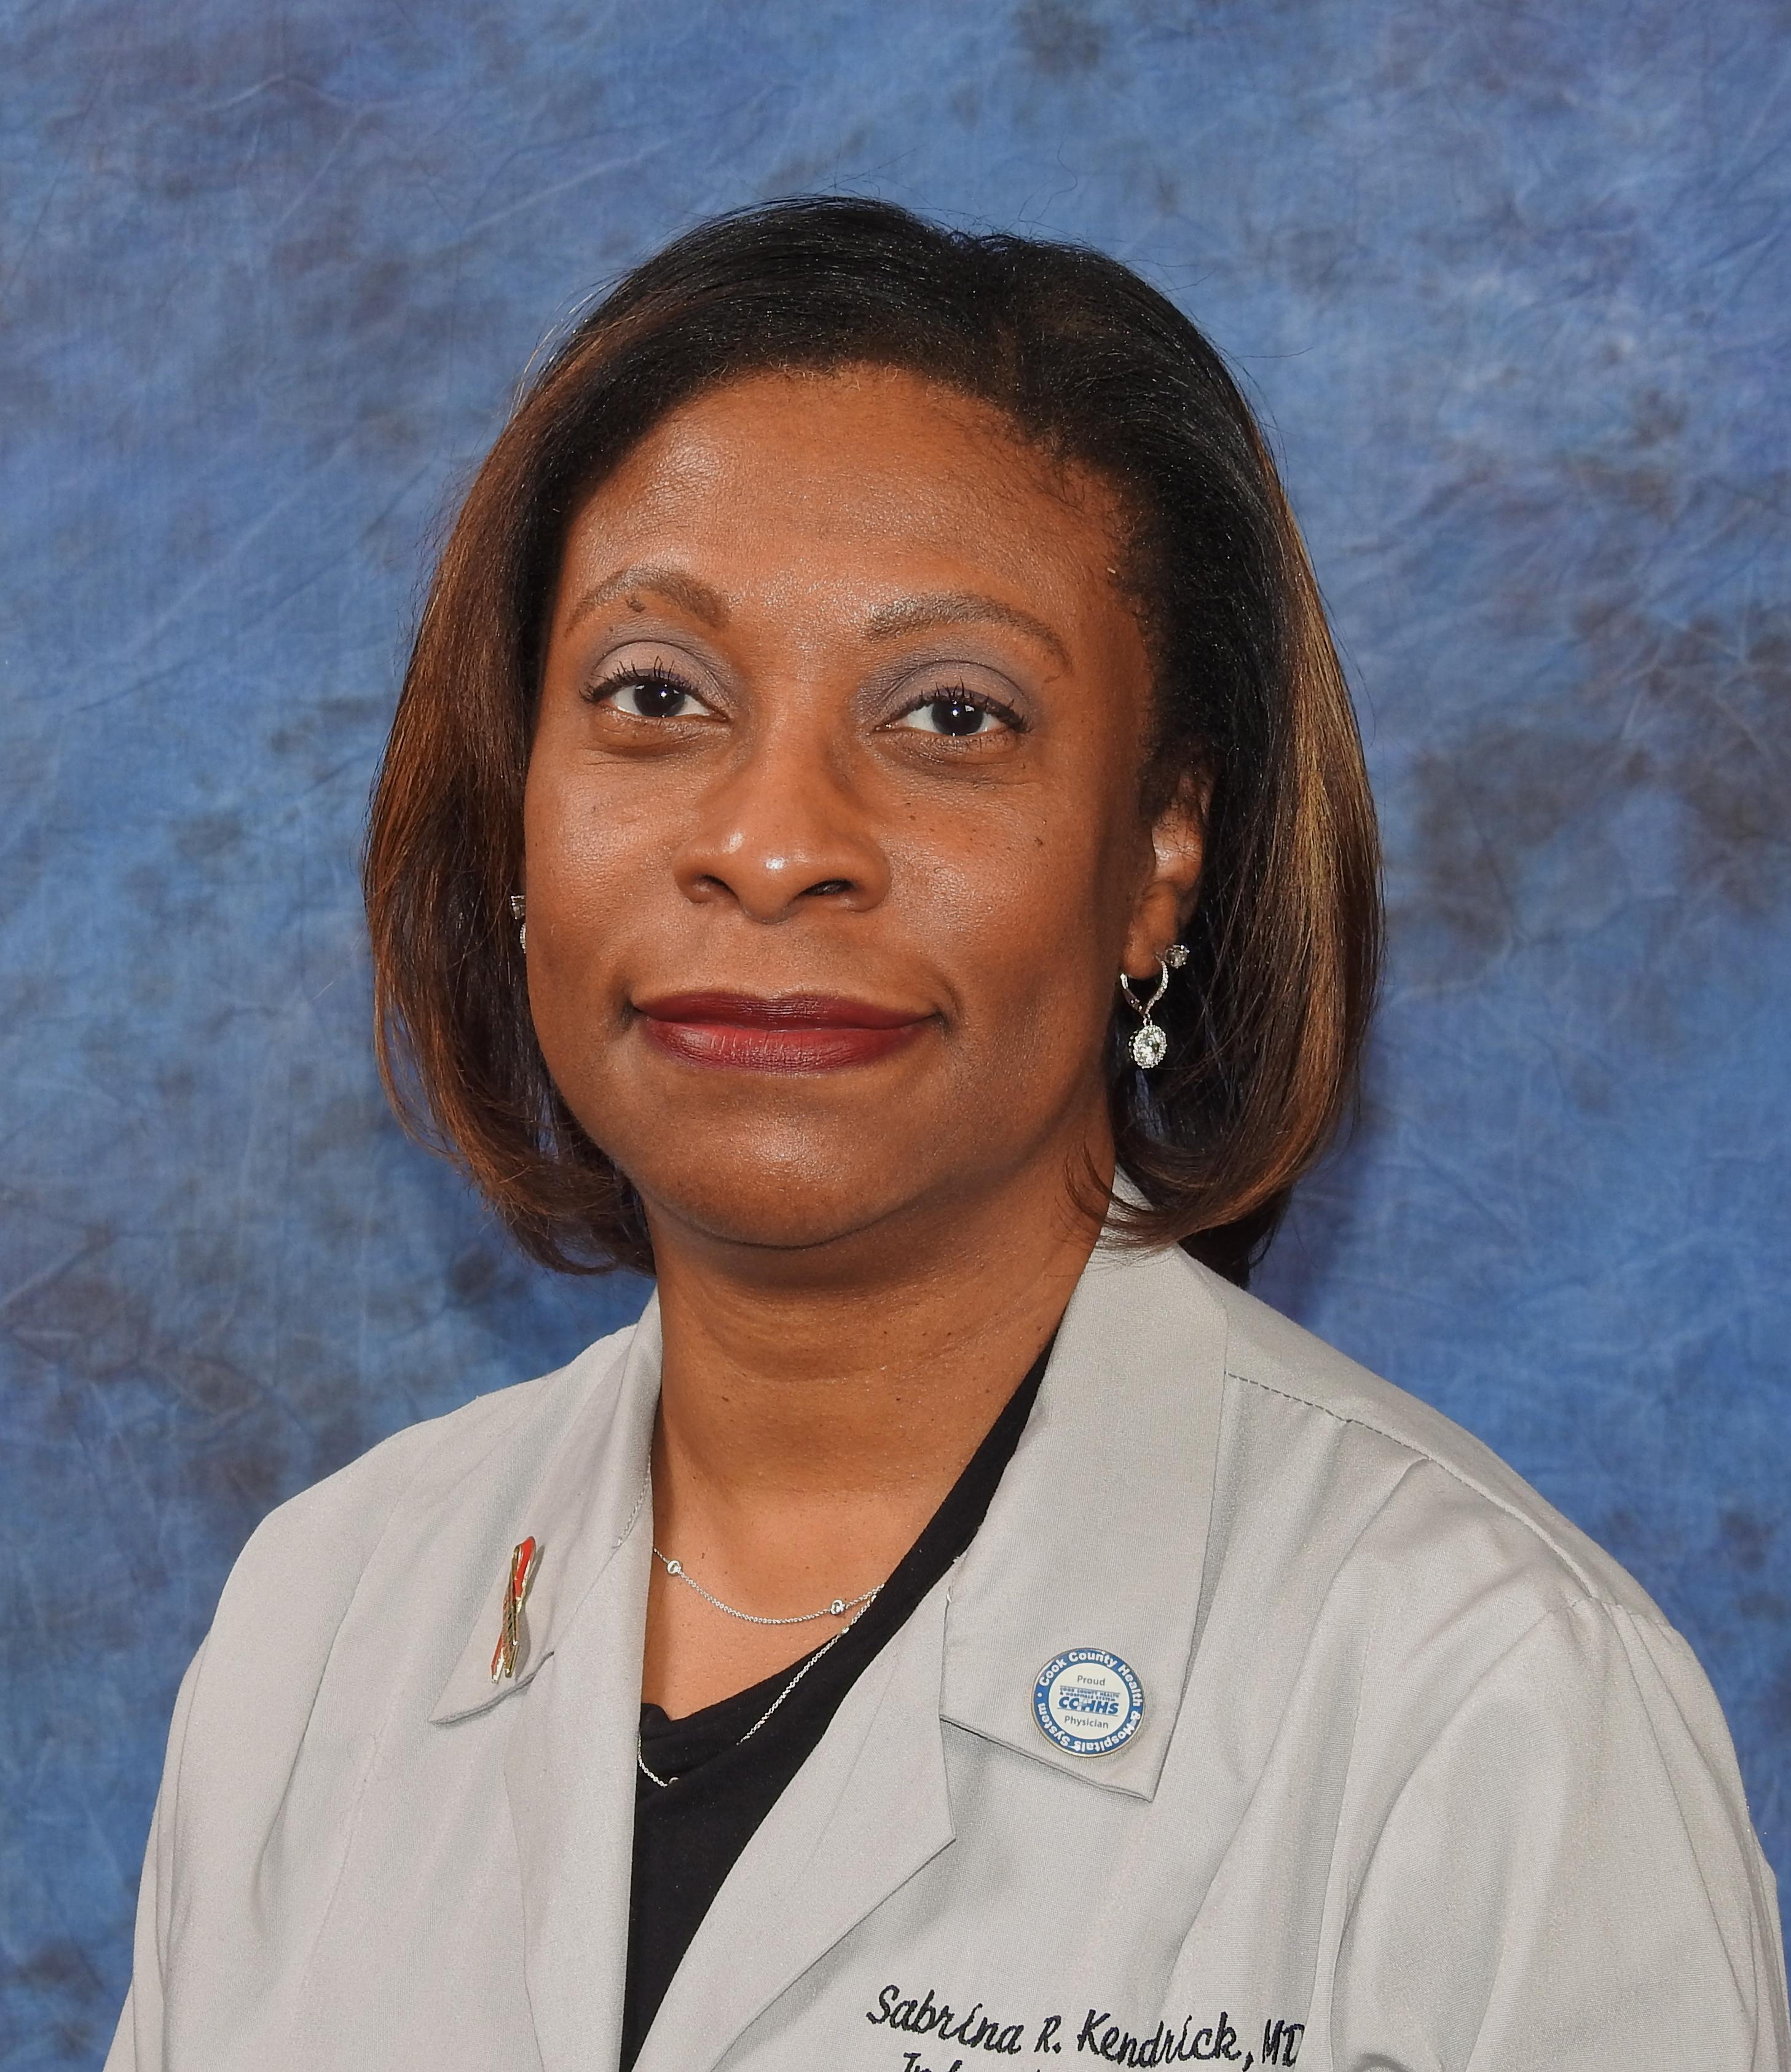 Sabrina R. Kendrick, MD